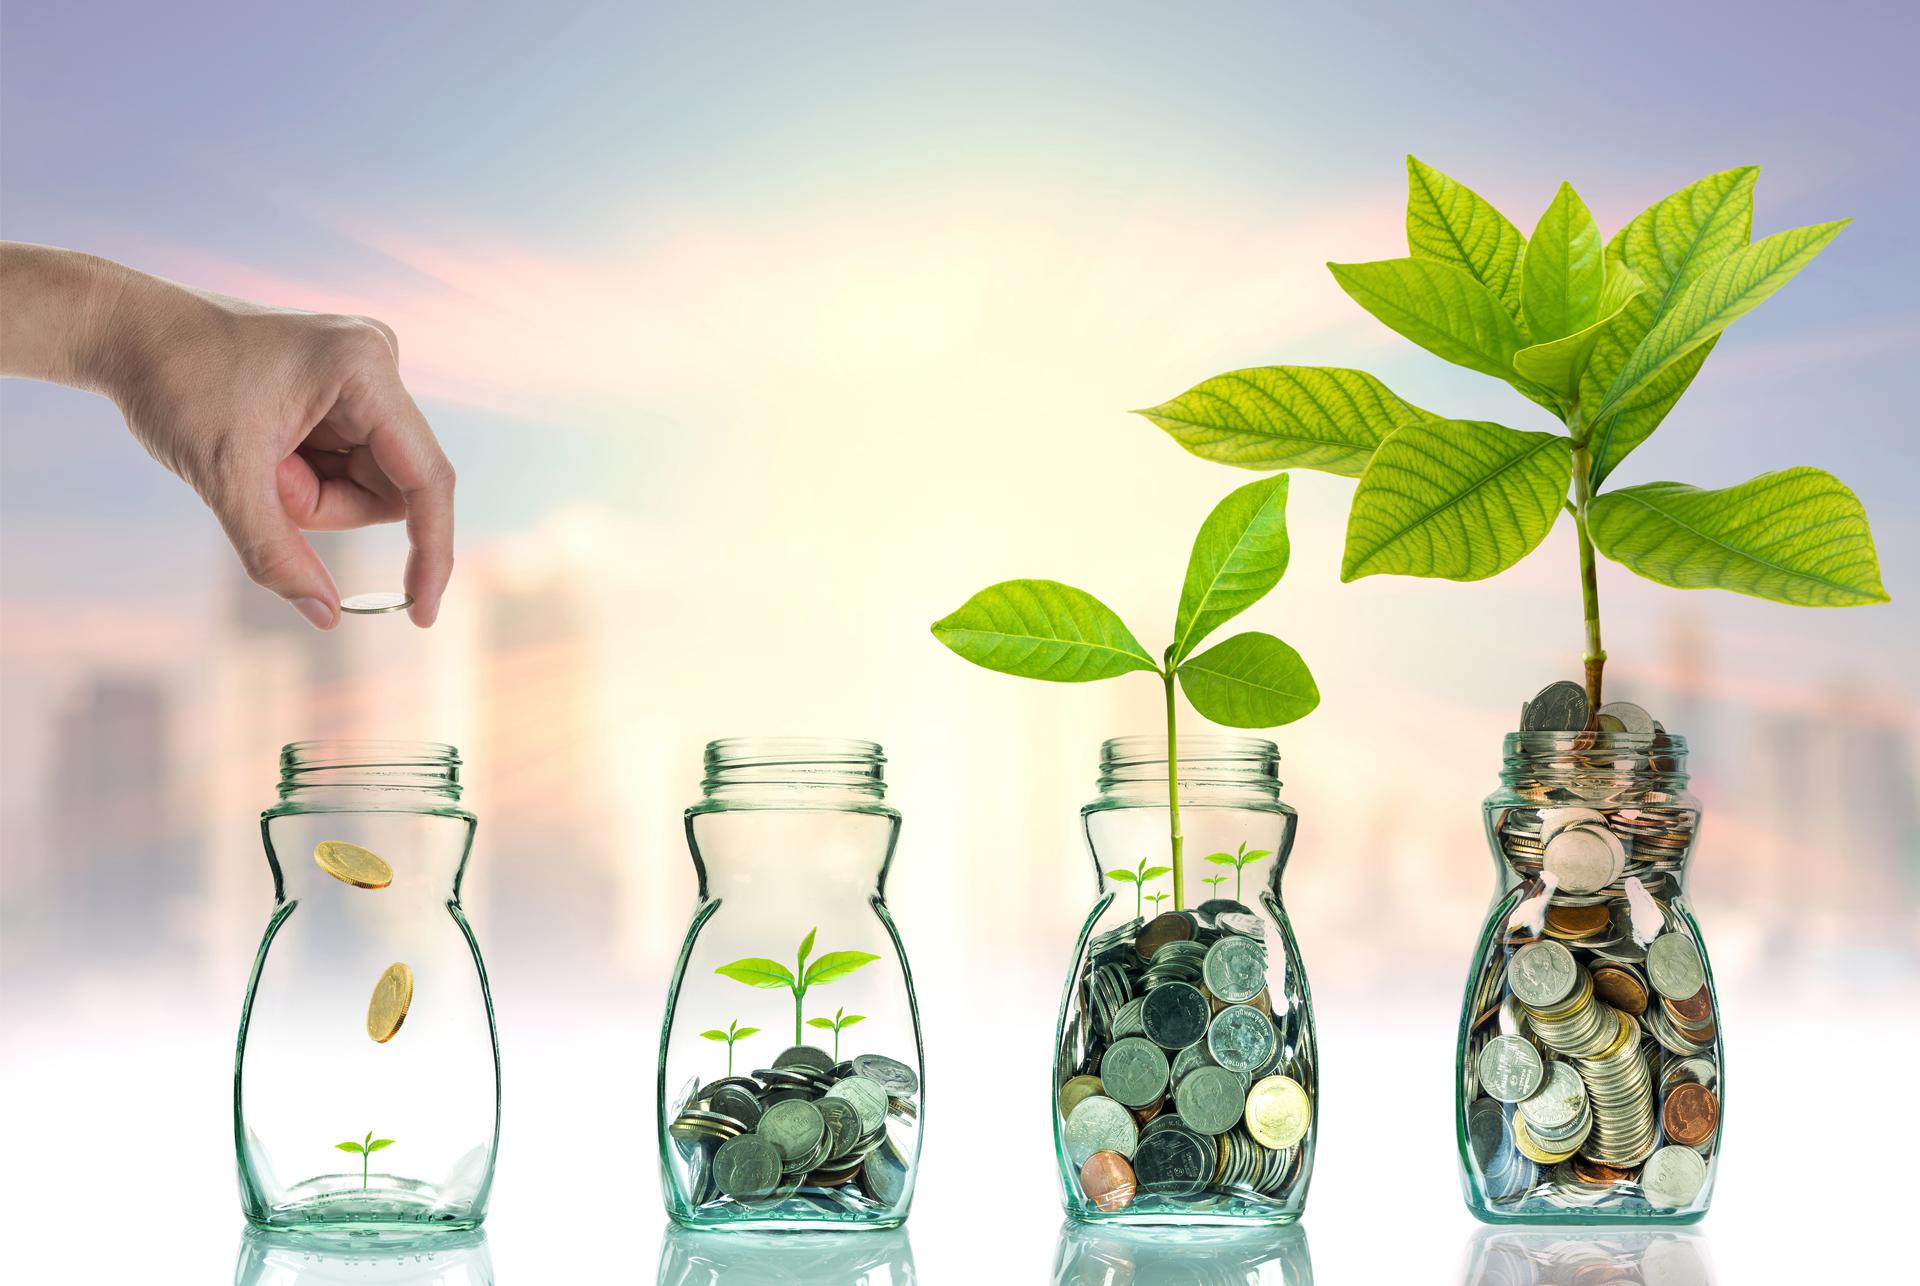 Tu plan de ahorro ¡cuanto antes, mejor! | Cuáles Son Tus Metas